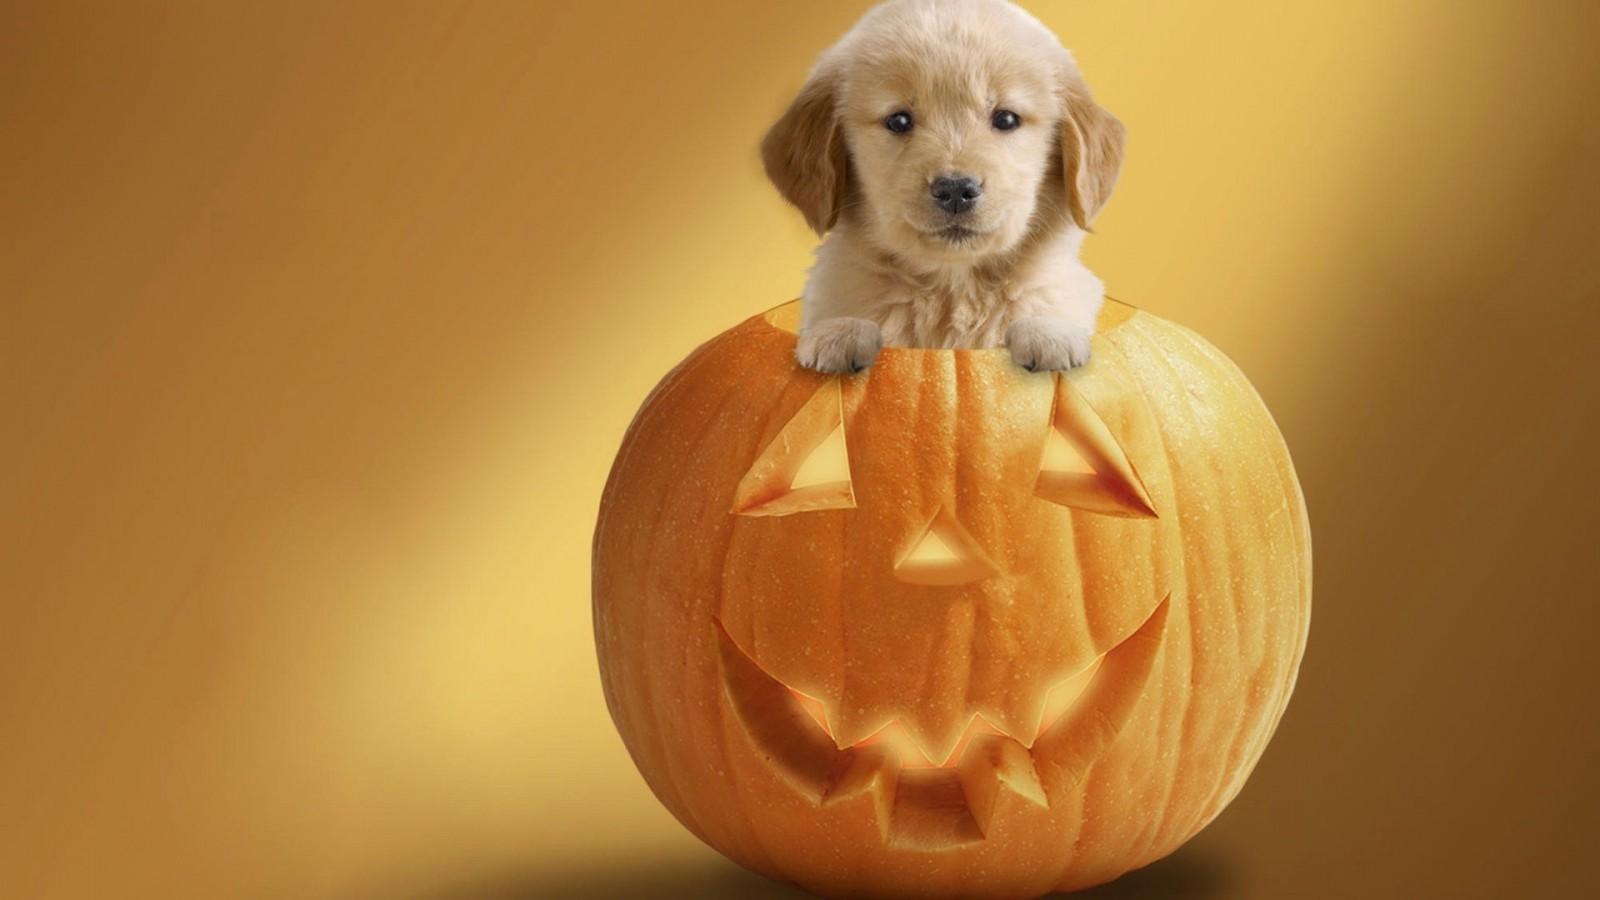 Halloween_Puppy_1920-dusicky-obrazky-na-plochu-psik-dyna